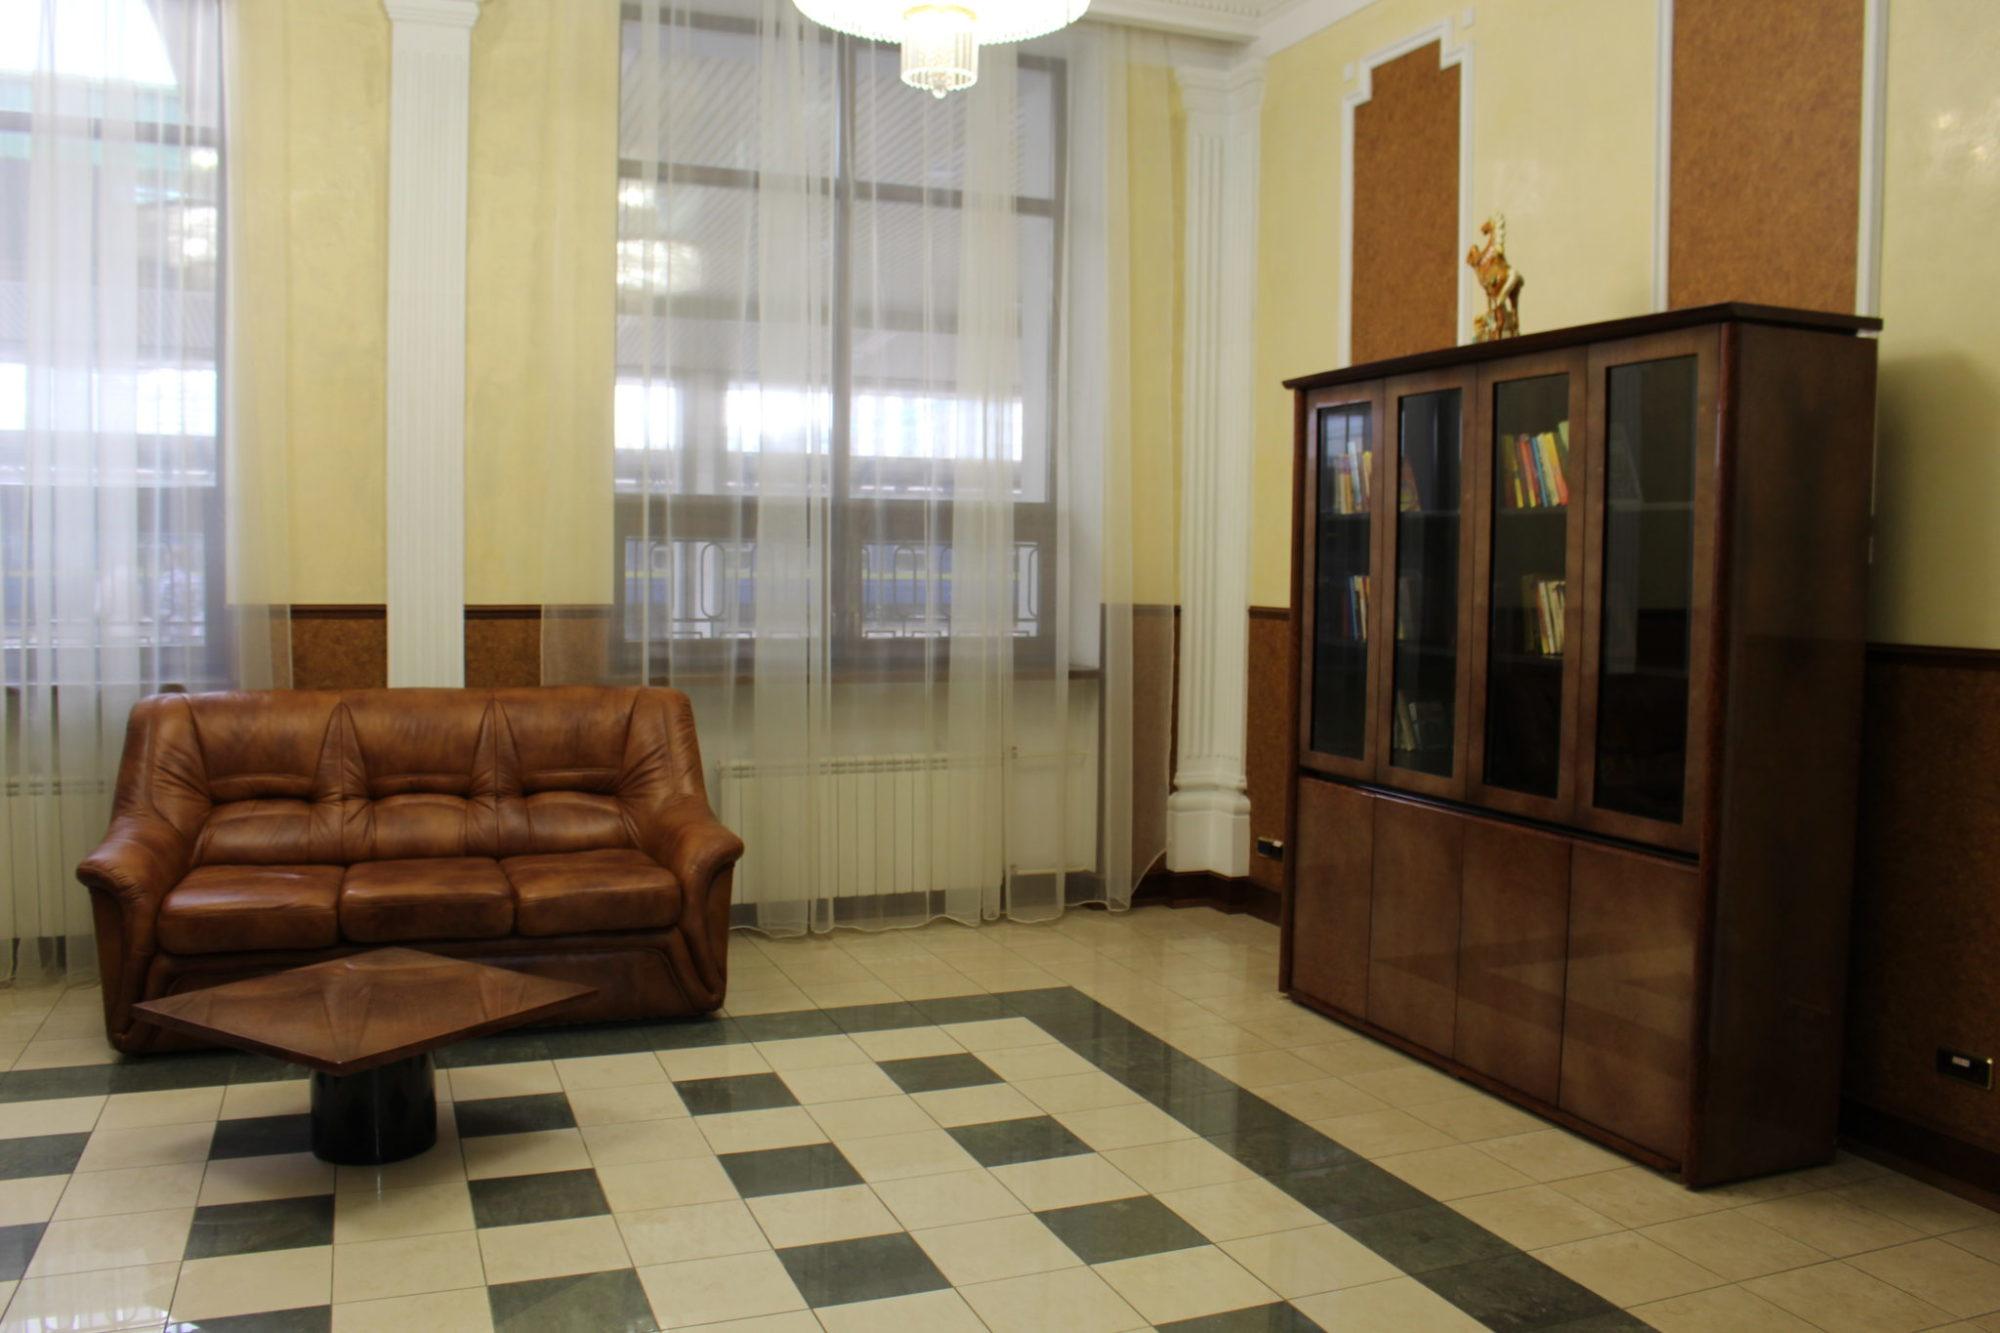 У Харкові відкрито залу очікування для військових - учасники бойових дій, Україна, Київ, волонтери, АТО - 1025 ochikuvannya Kyyiv1 2000x1333